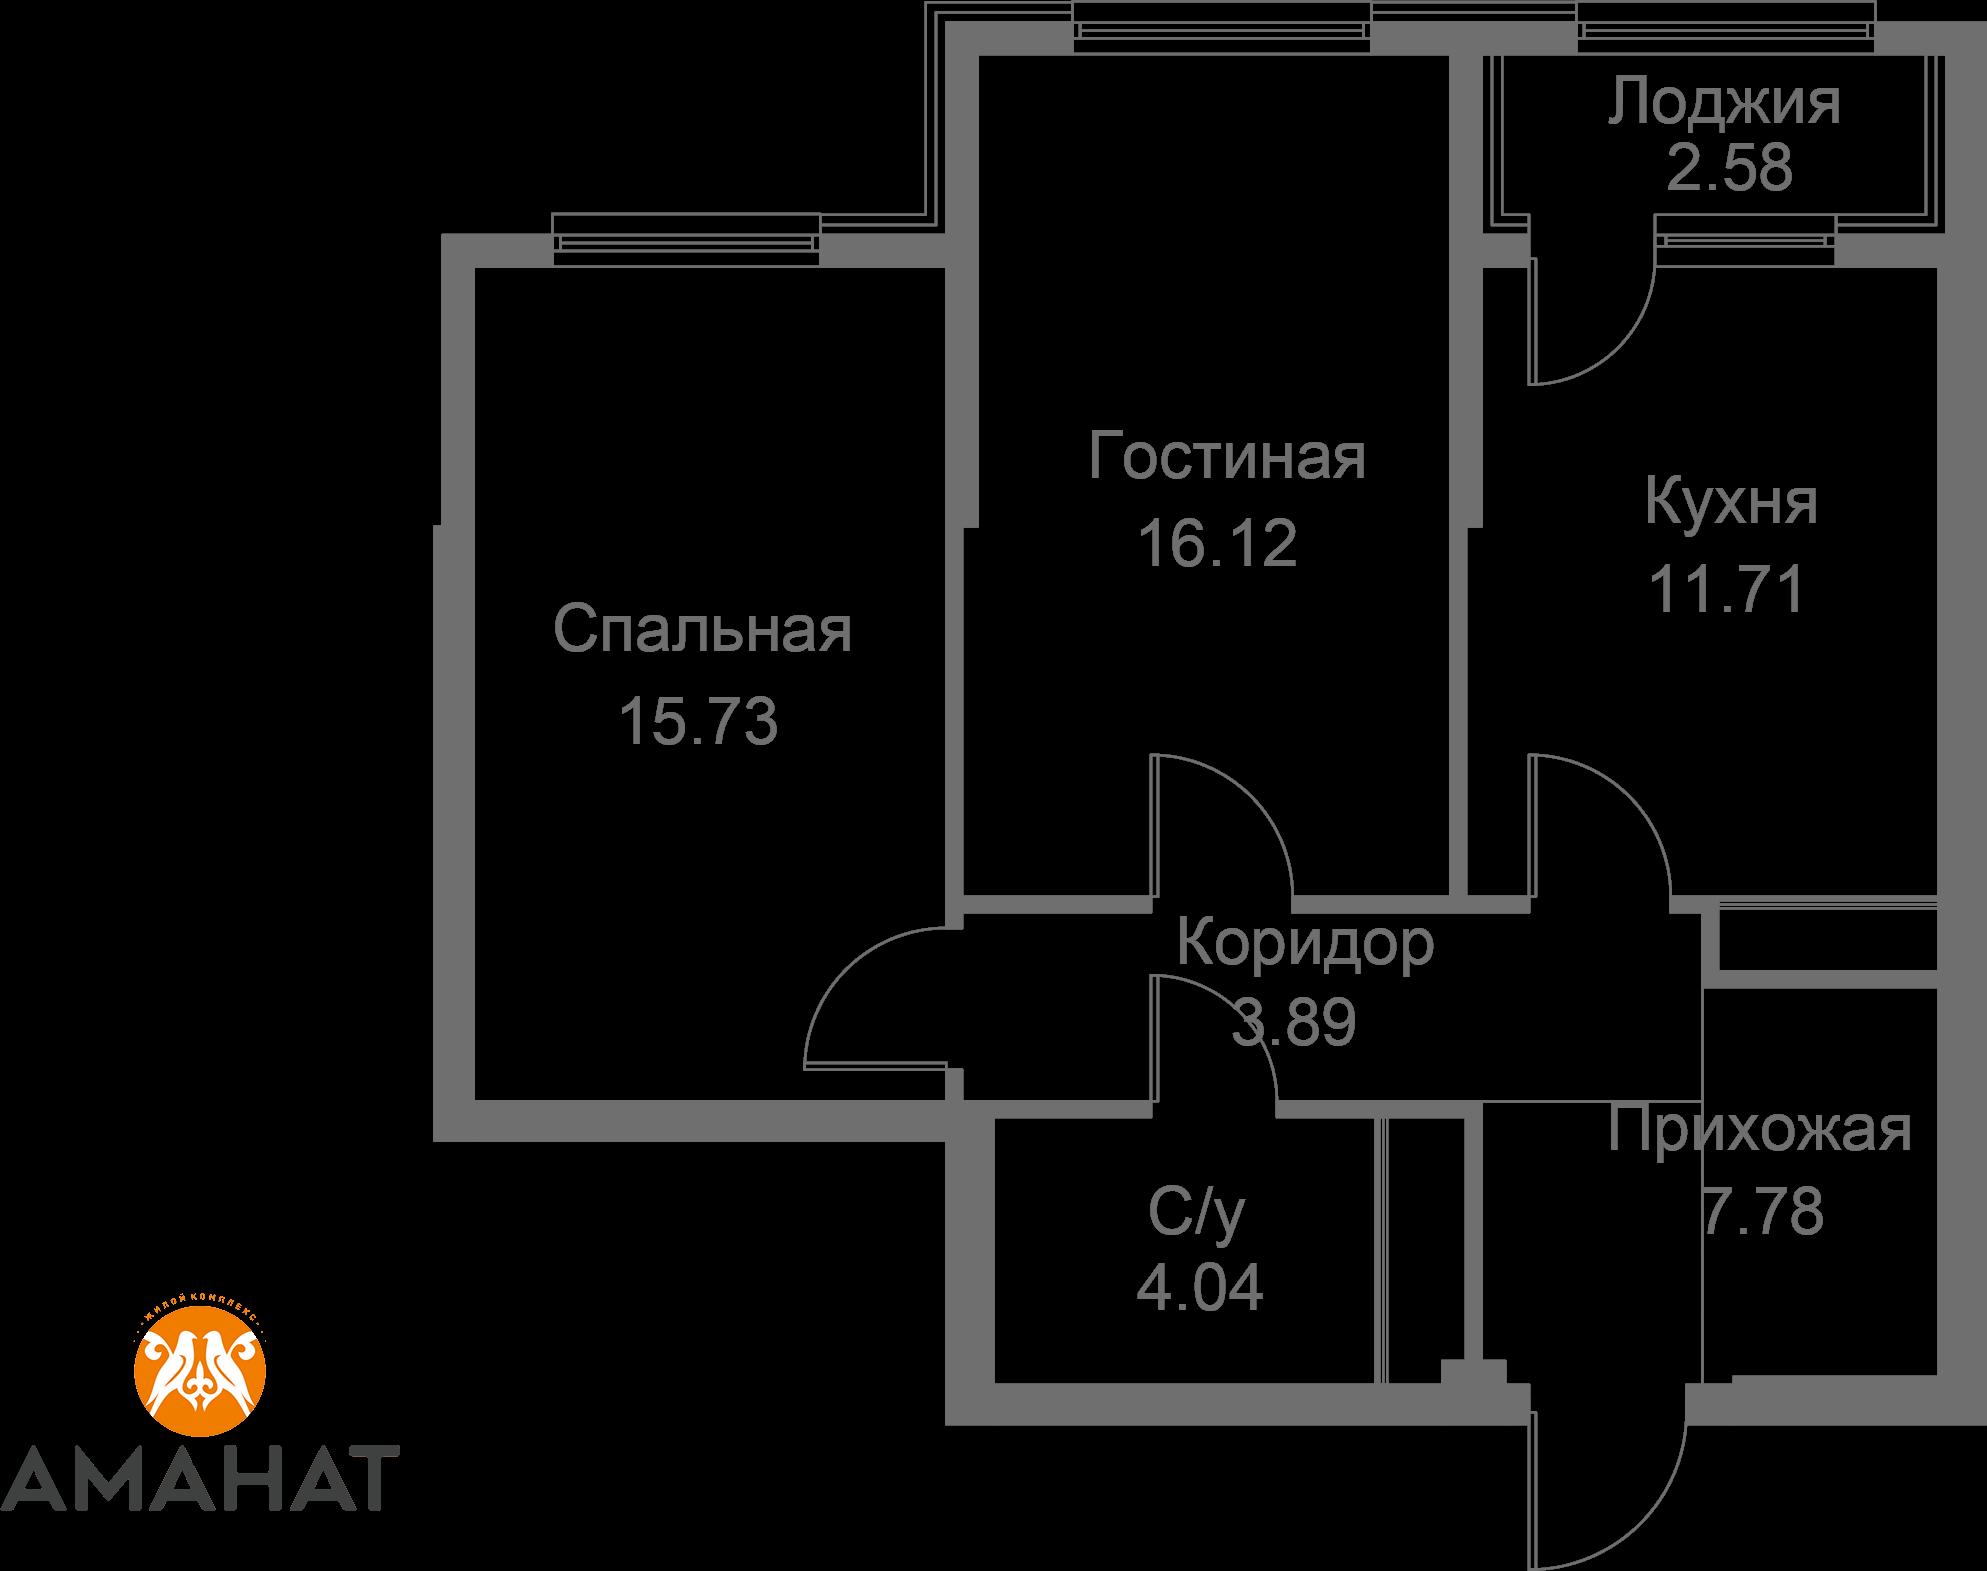 Квартира 76